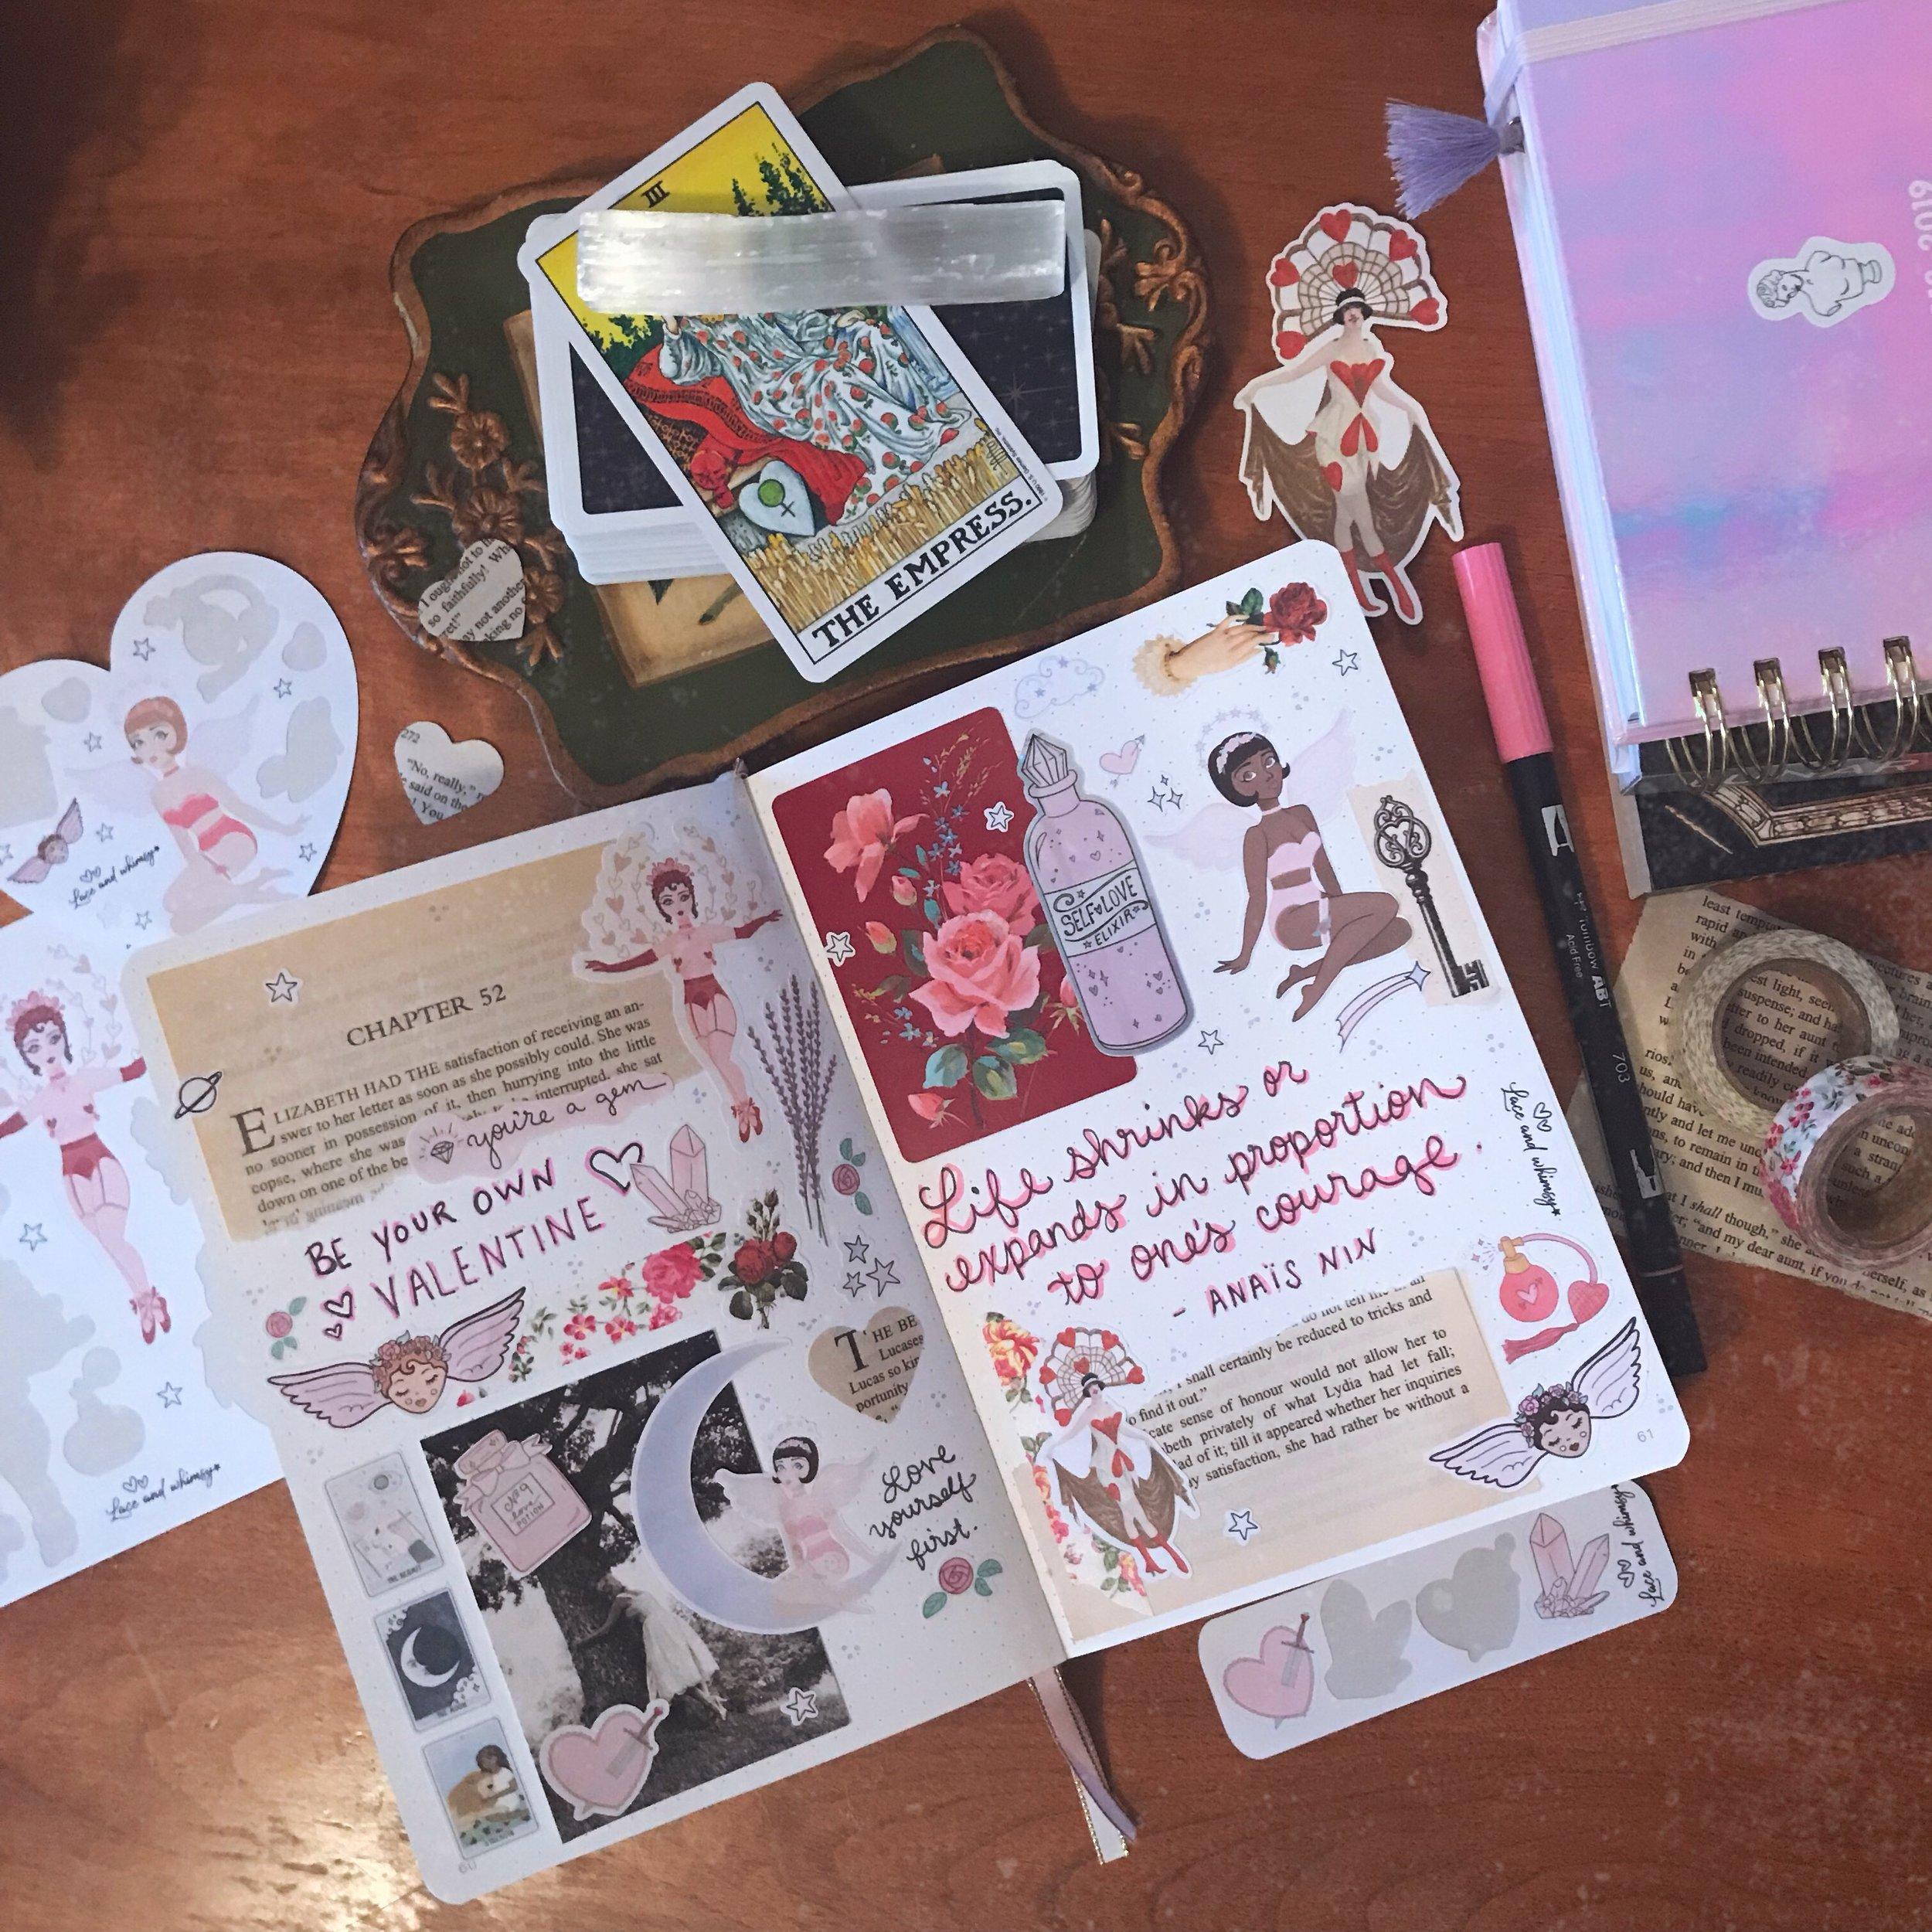 laceandwhimsy-bullet-journal-follies-of-love.JPG